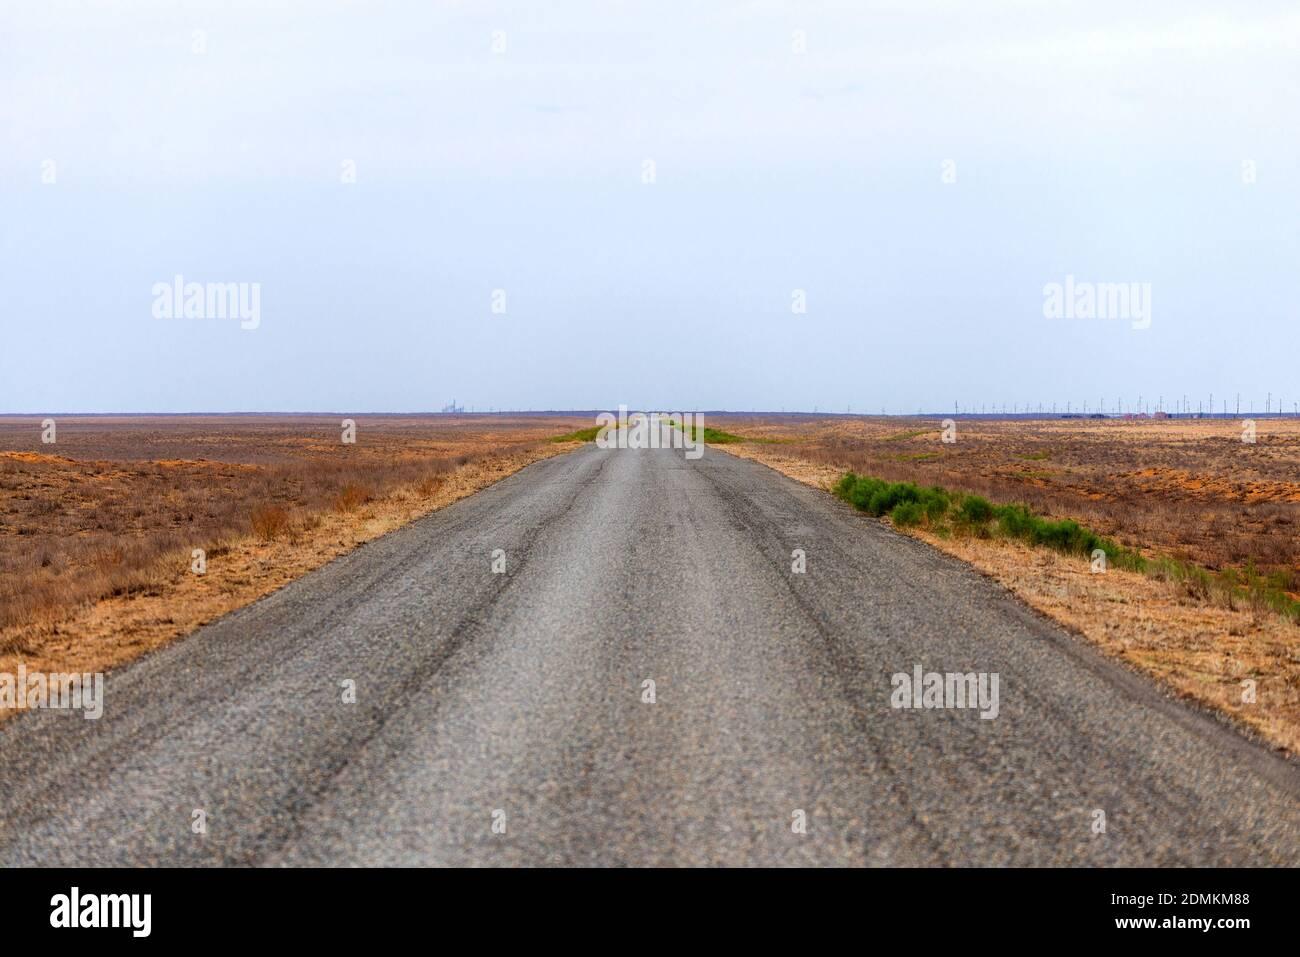 Longue route s'étendant sur la distance en steppe. Banque D'Images